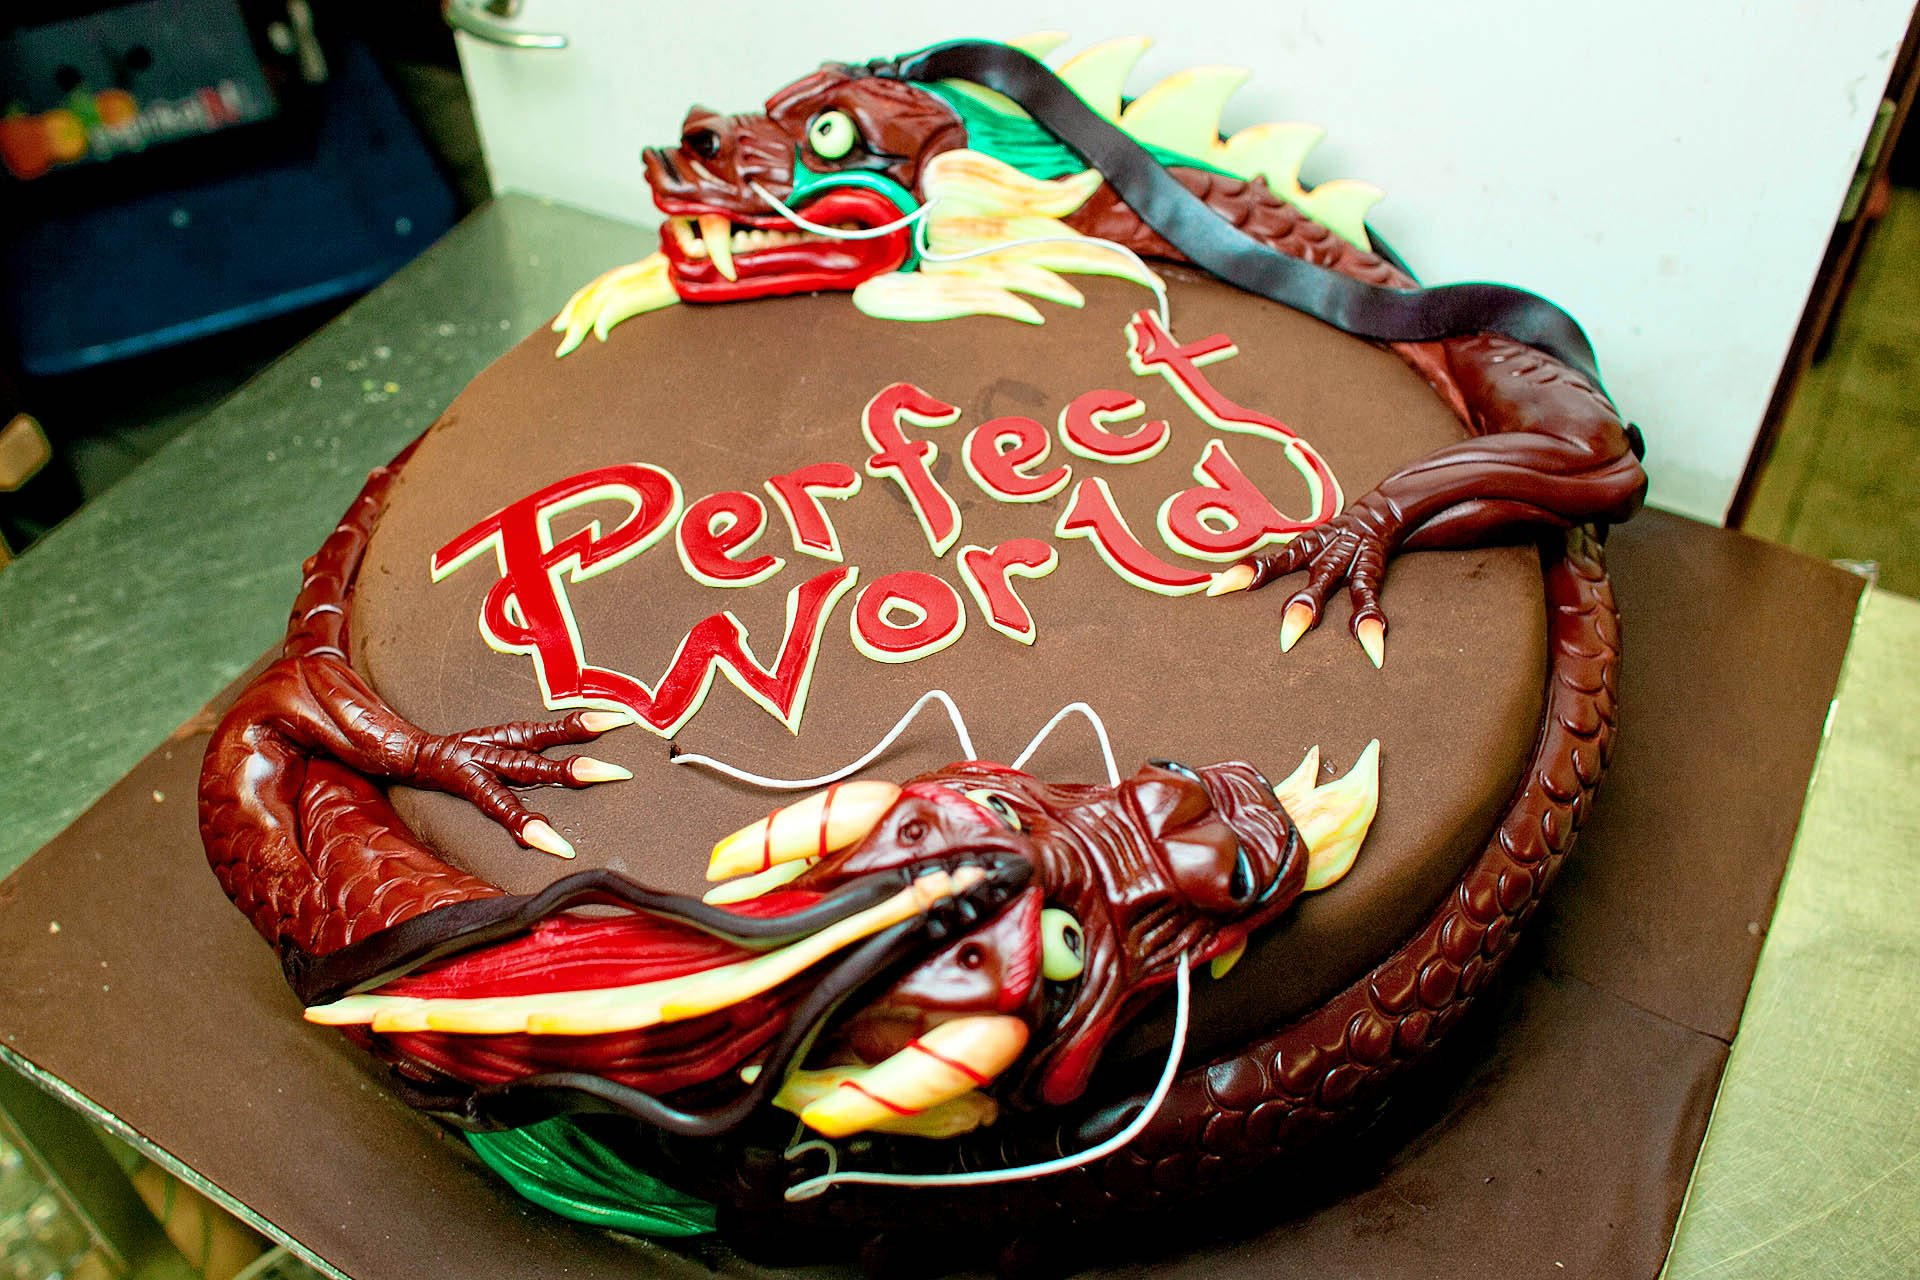 26 мая в столичном развлекательном комплексе «Метелица» состоялась Perfect Party 2012 — традиционное празднование дн ... - Изображение 1